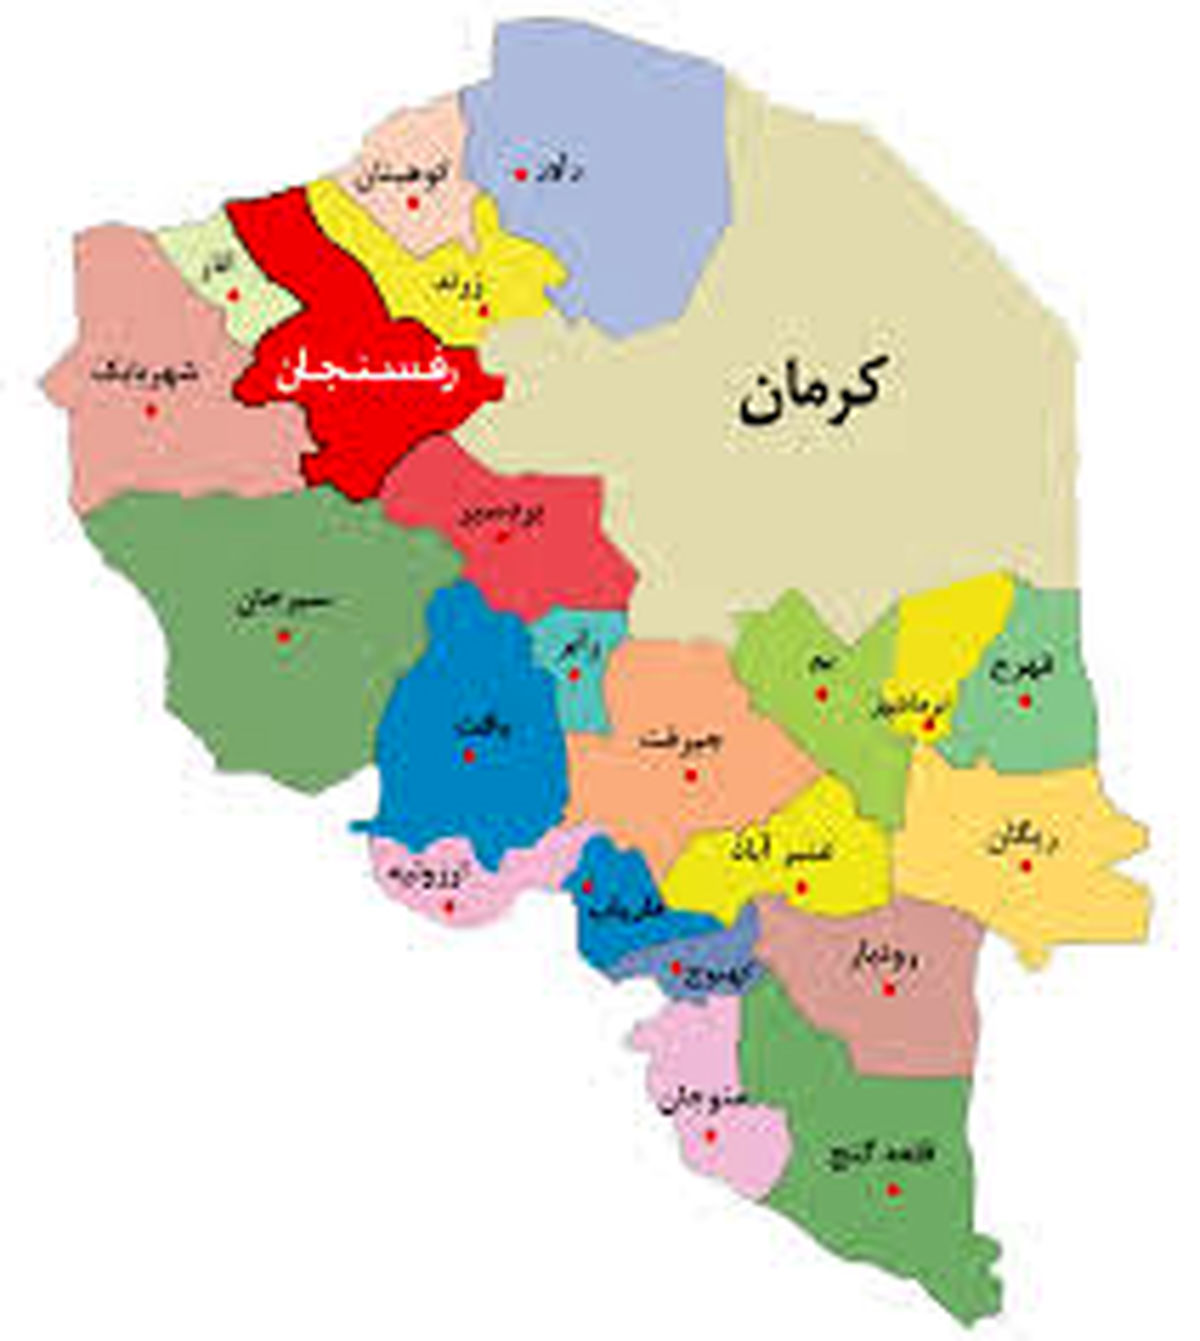 تعداد دقیق شهدای جنگ تحمیلی استان کرمان